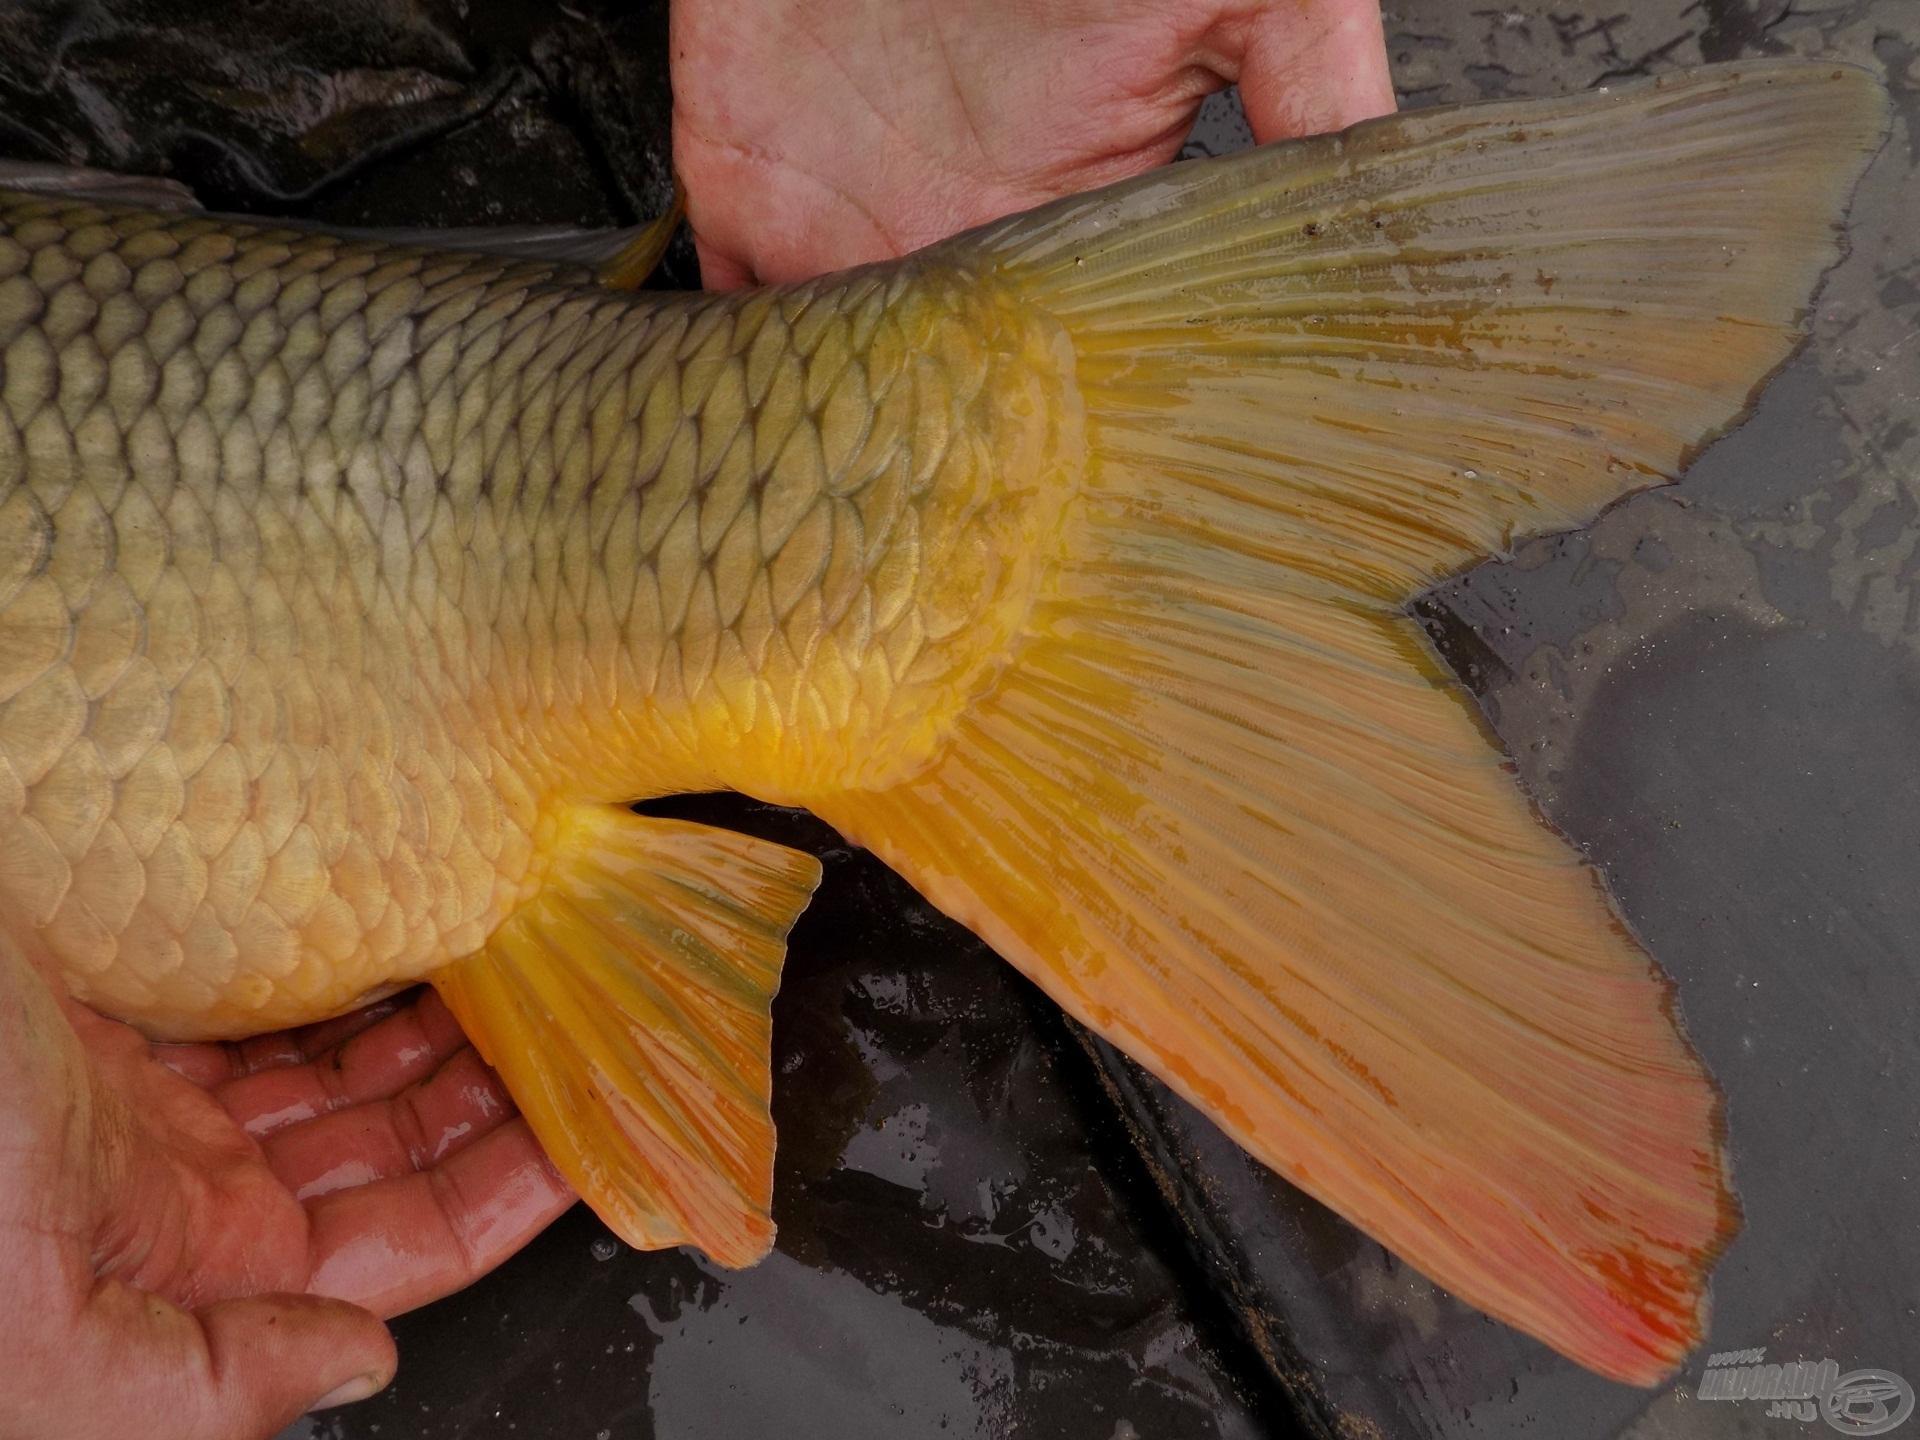 A halak majd kicsattannak az egészségtől, köszönik szépen, jól vannak… A tiszta víz, a rengeteg természetes táplálék mind-mind az ő javukat szolgálja